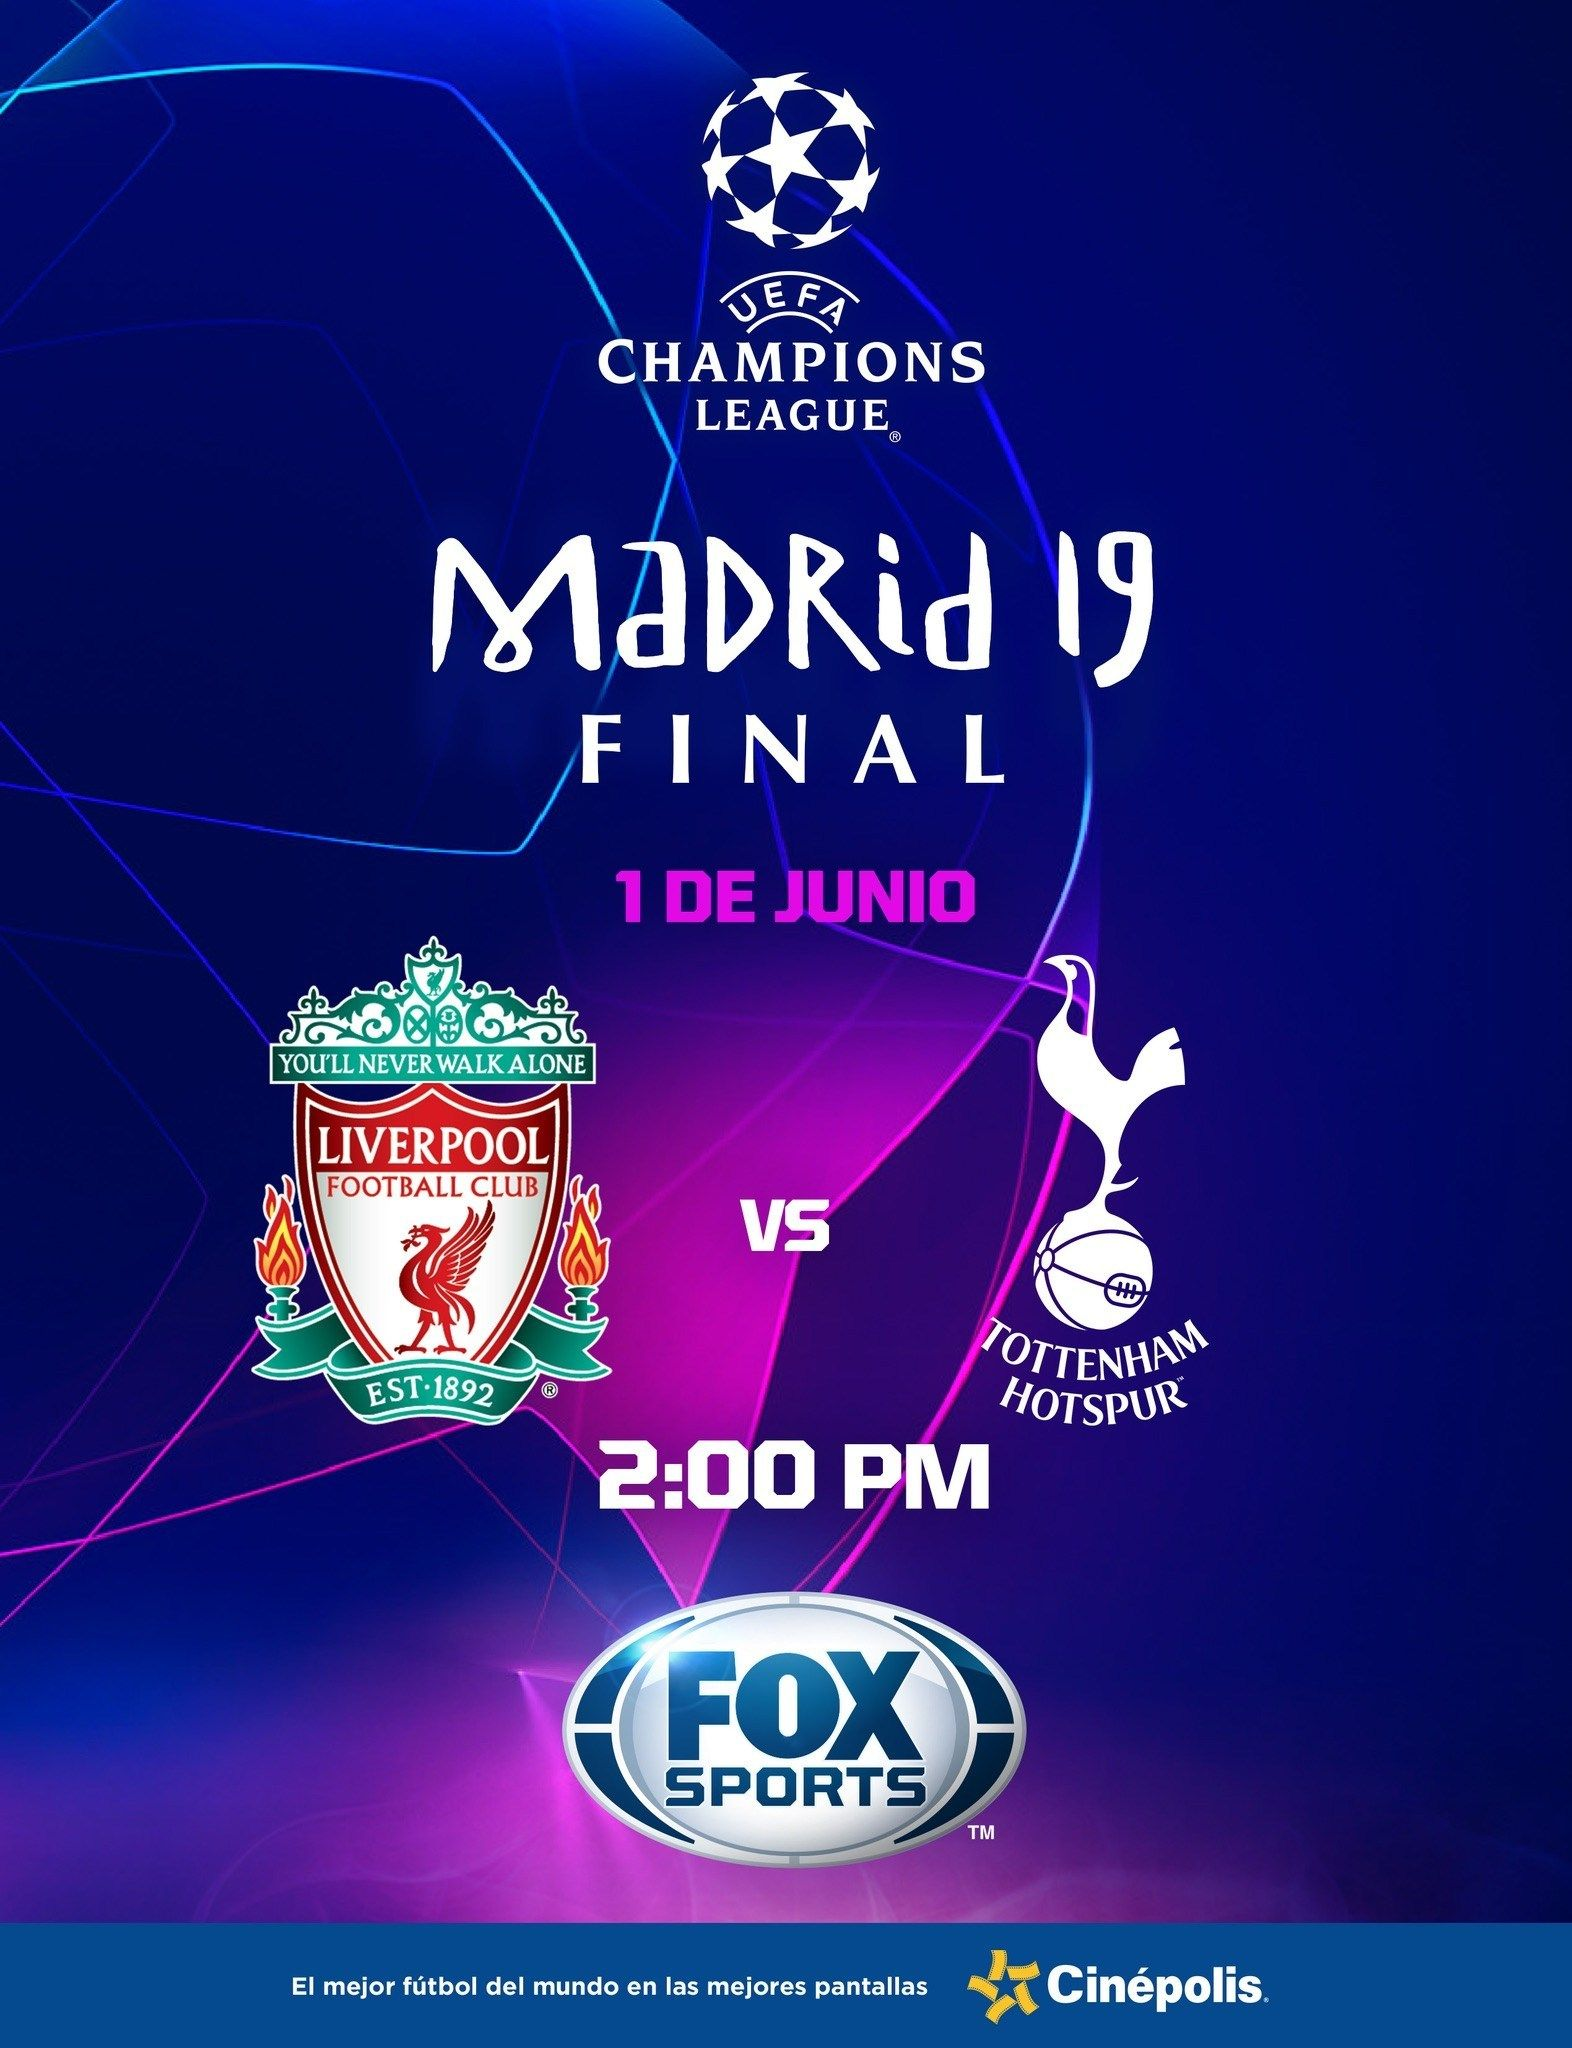 Final de la UEFA Champions League 2019 en Cinépolis ¡La